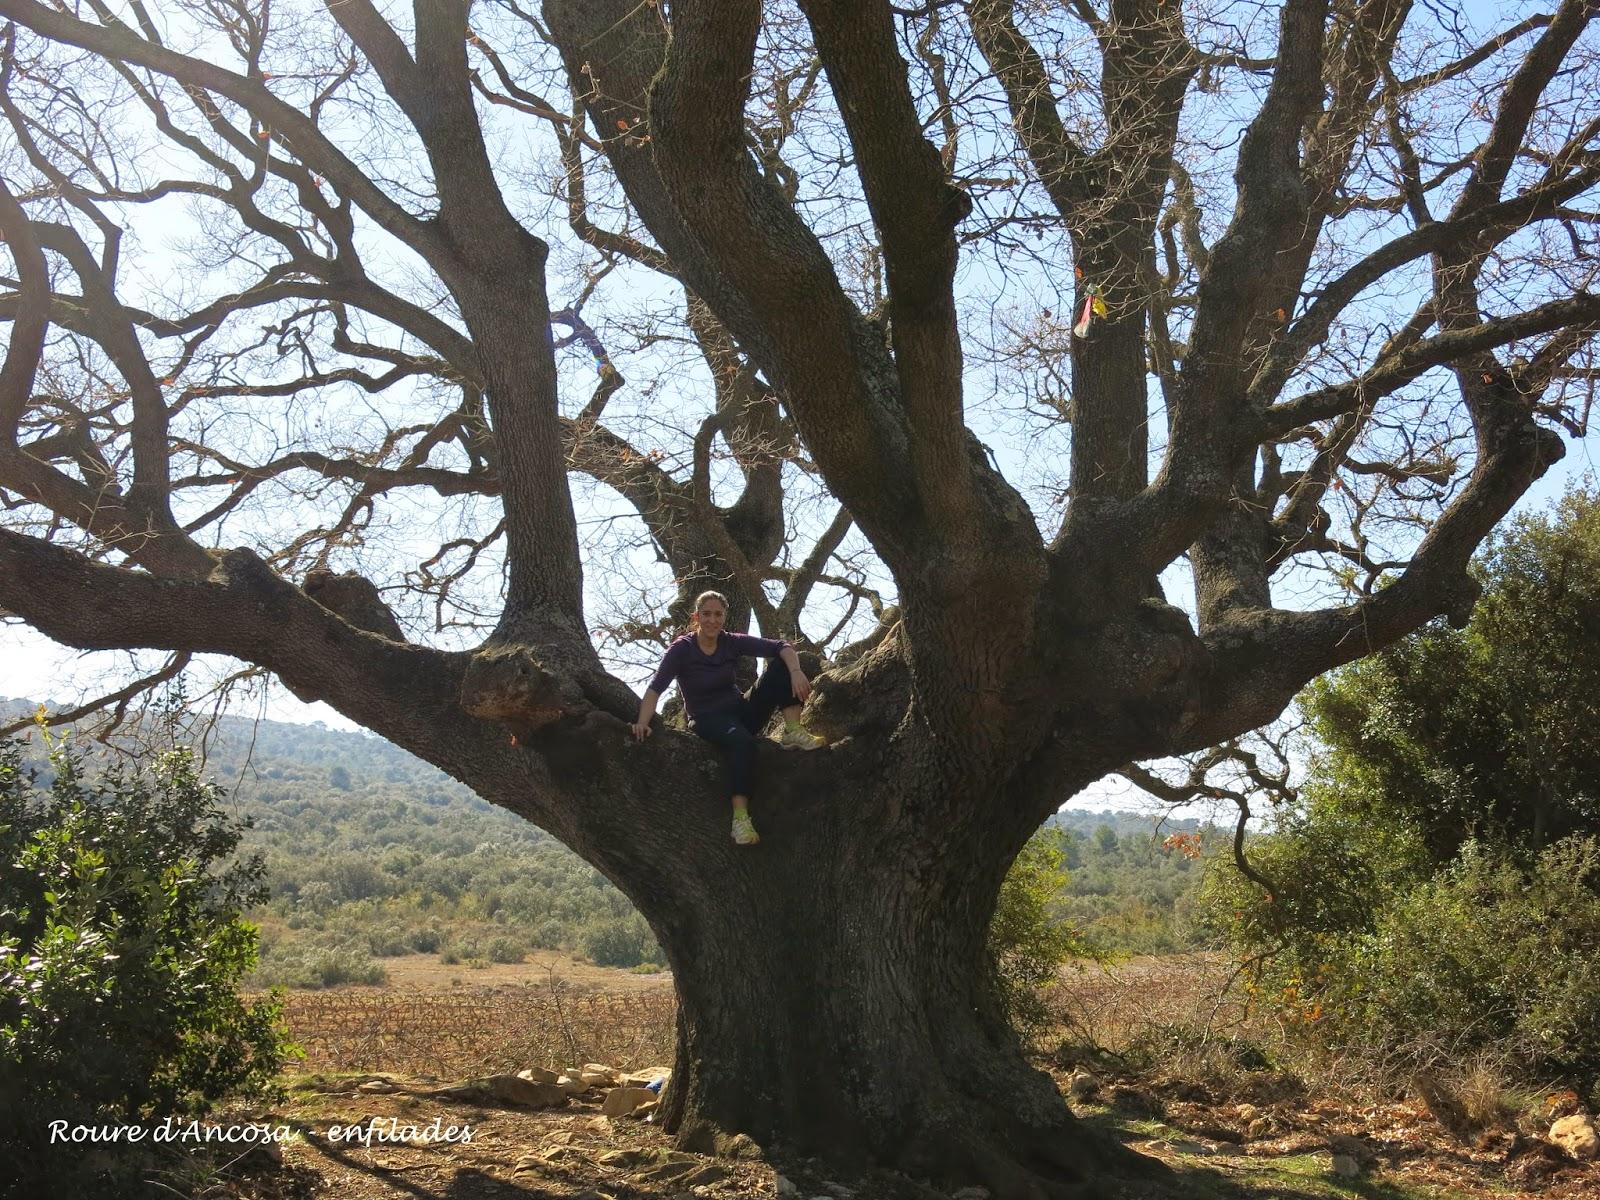 Roure d'Ancosa cap al Puig Castellar - 100 cims Enfilades